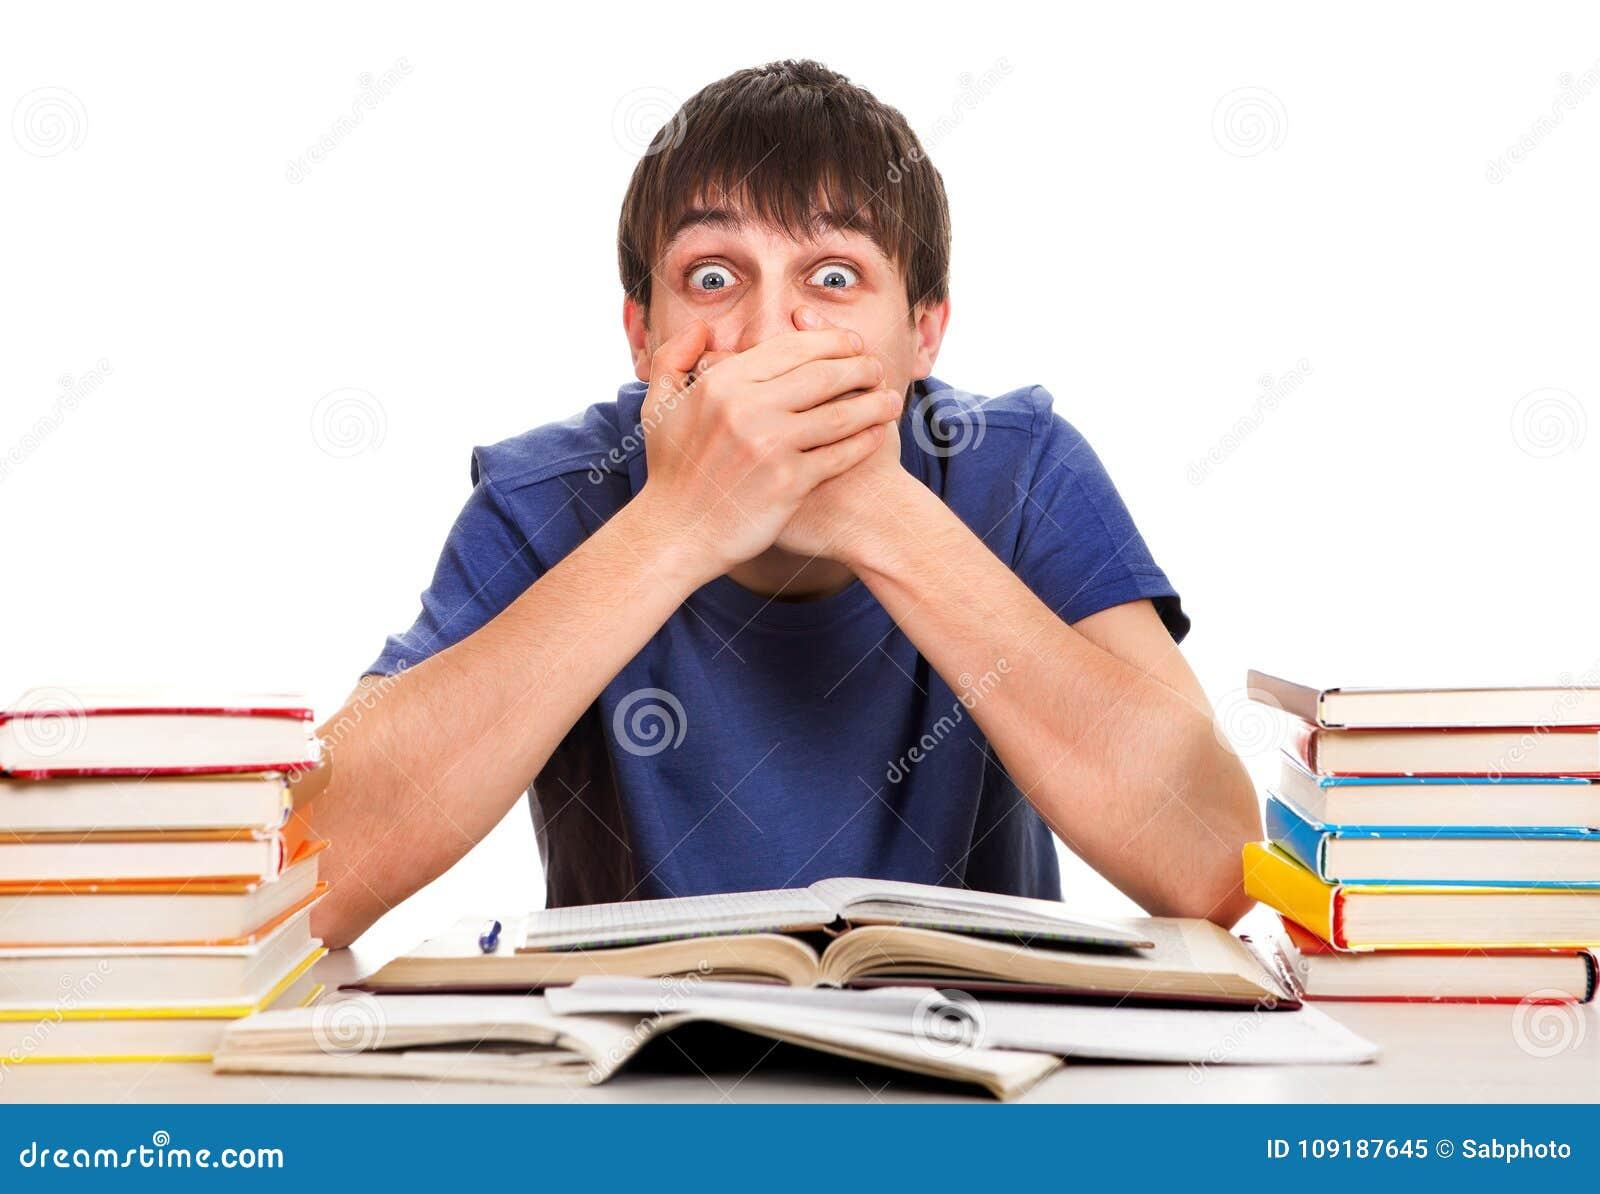 Ο σπουδαστής κλείνει το στόμα του